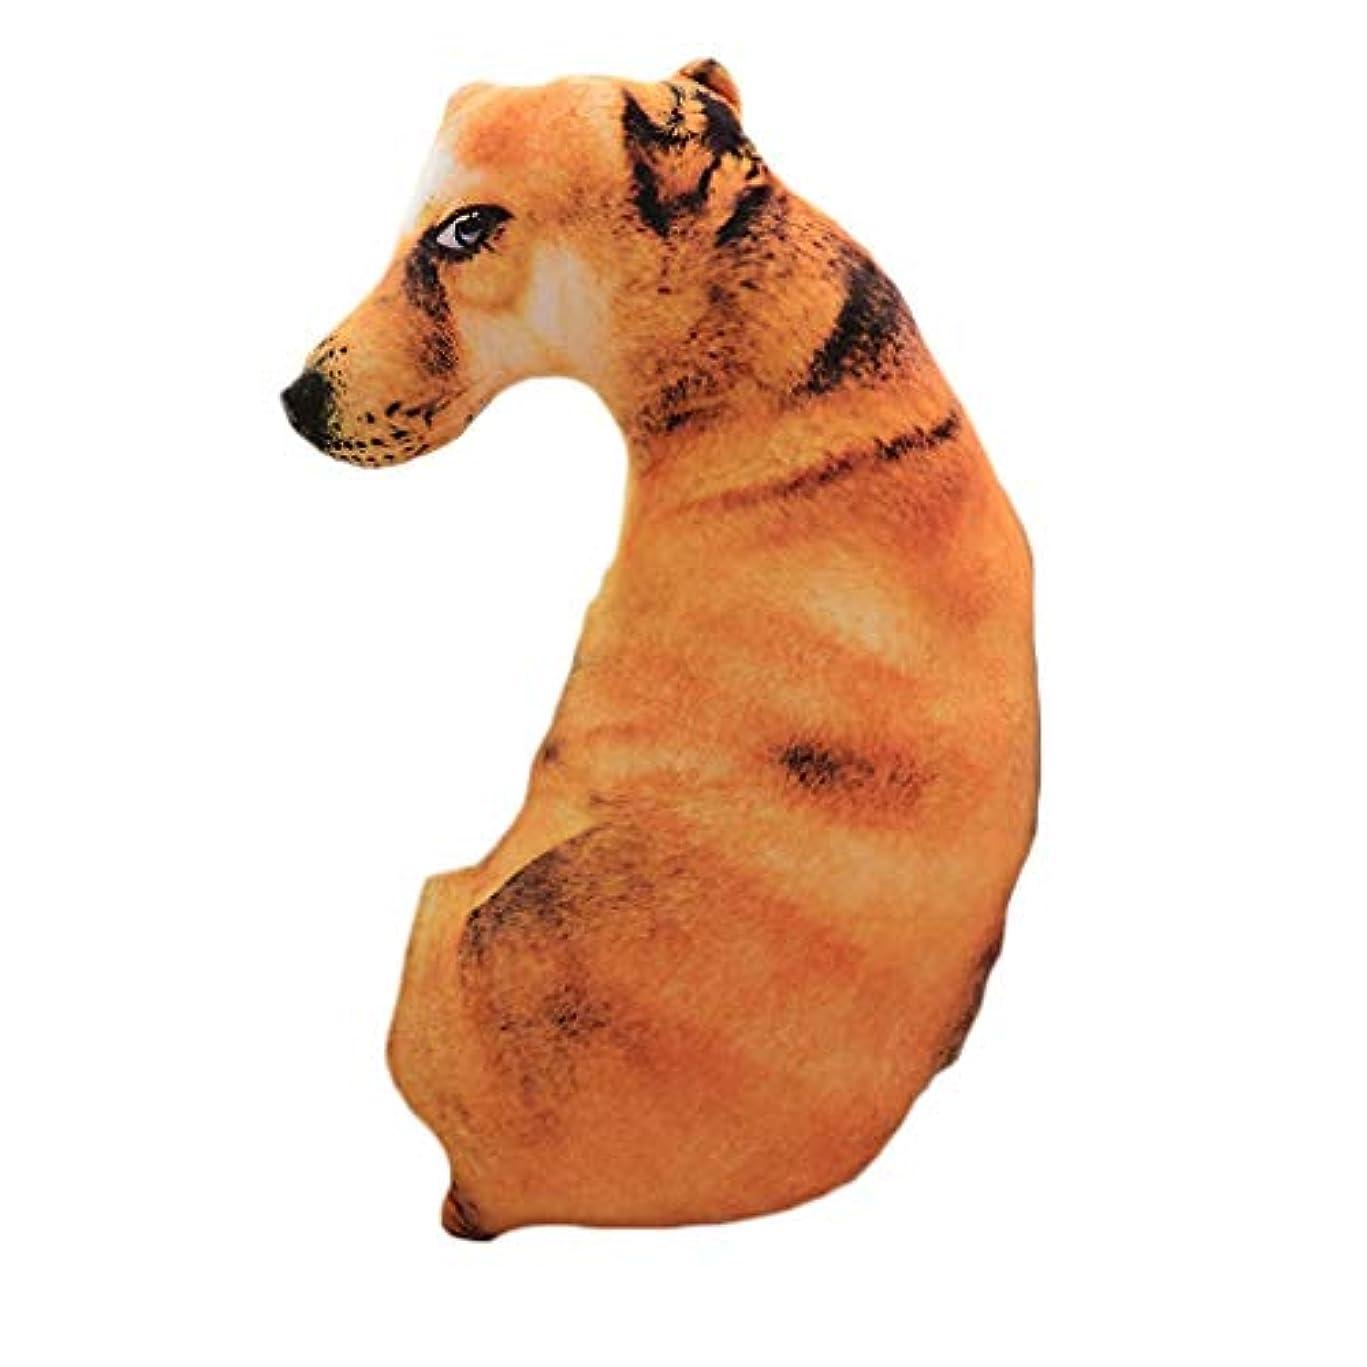 爆発物おもてなしシェトランド諸島LIFE 装飾クッションソファおかしい 3D 犬印刷スロー枕創造クッションかわいいぬいぐるみギフト家の装飾 coussin decoratif クッション 椅子